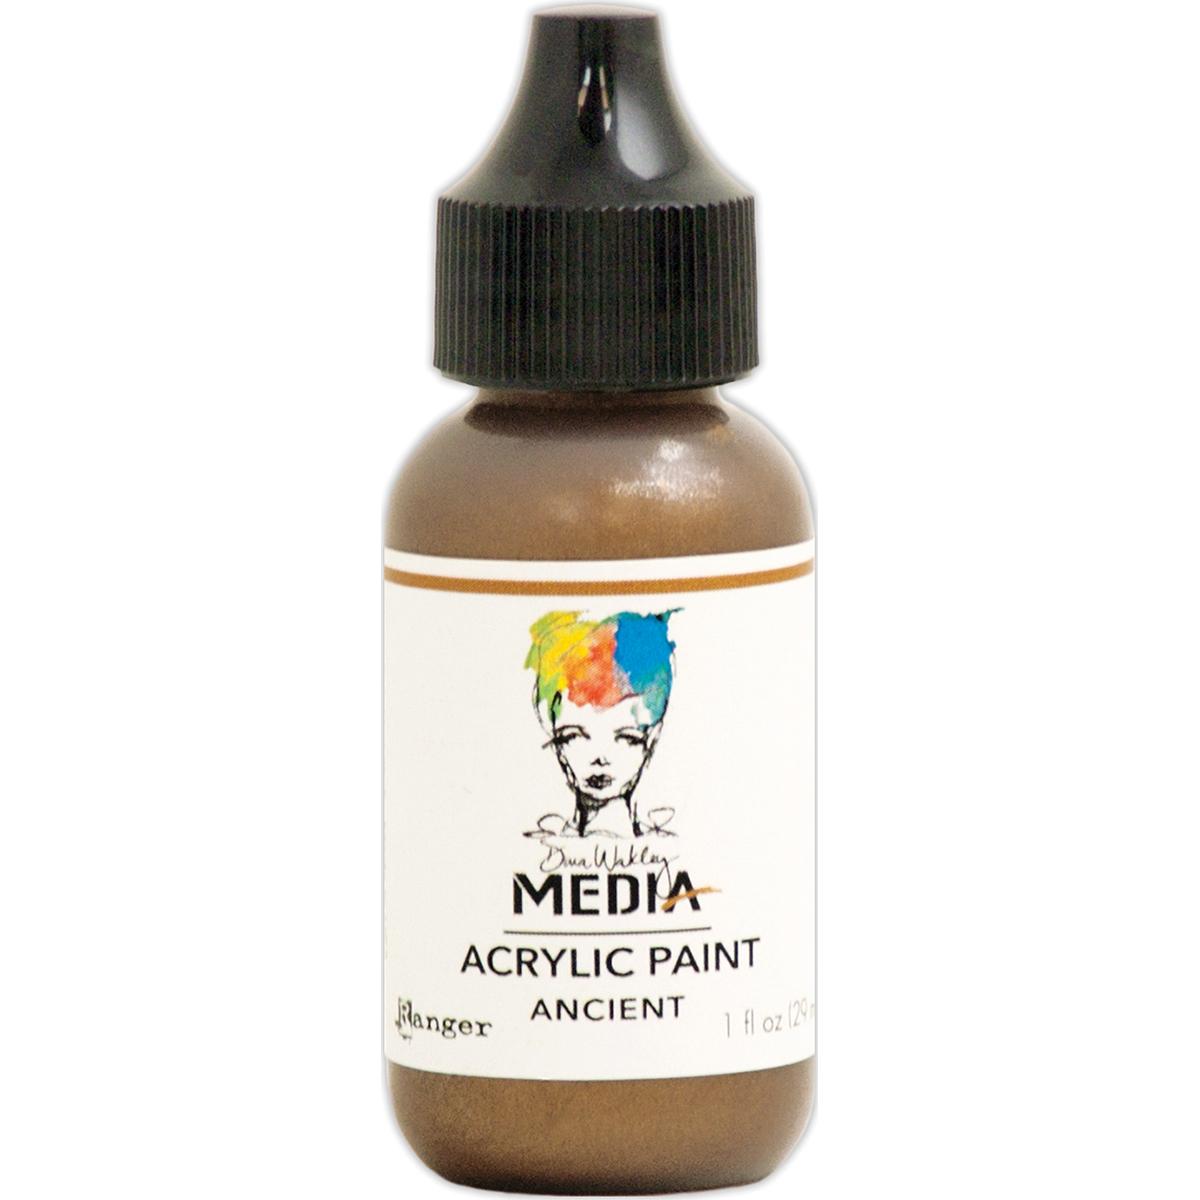 Dina Wakley Media Heavy Body Metallic Acrylic Paint 1oz-Ancient